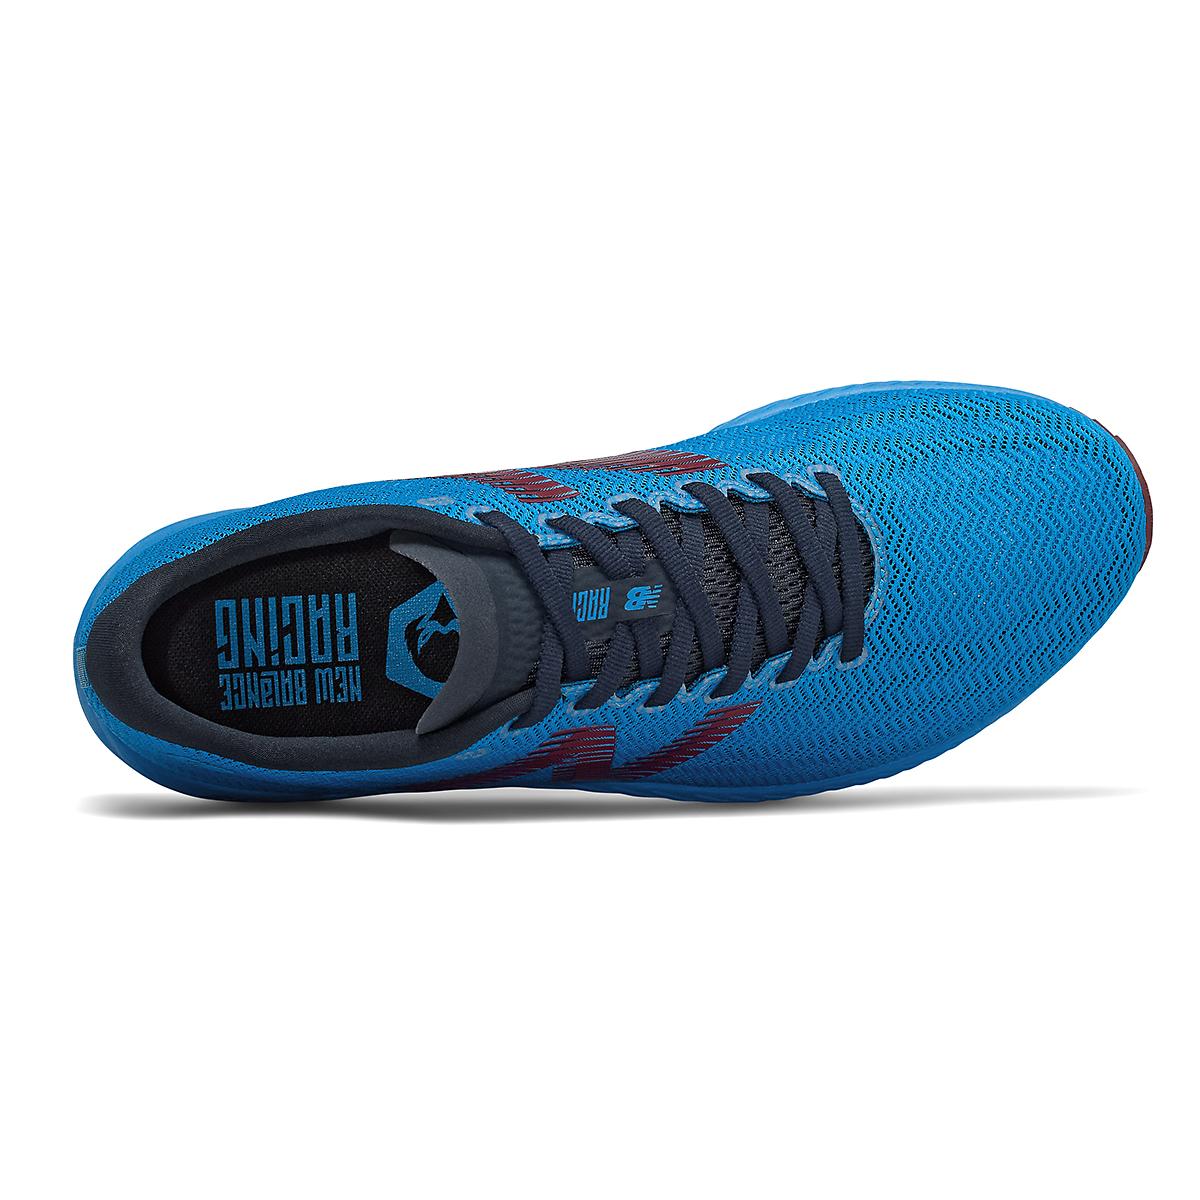 Men's New Balance 1400V6 Running Shoe - Color: Vision Blue - Size: 7 - Width: Wide, Vision Blue, large, image 3